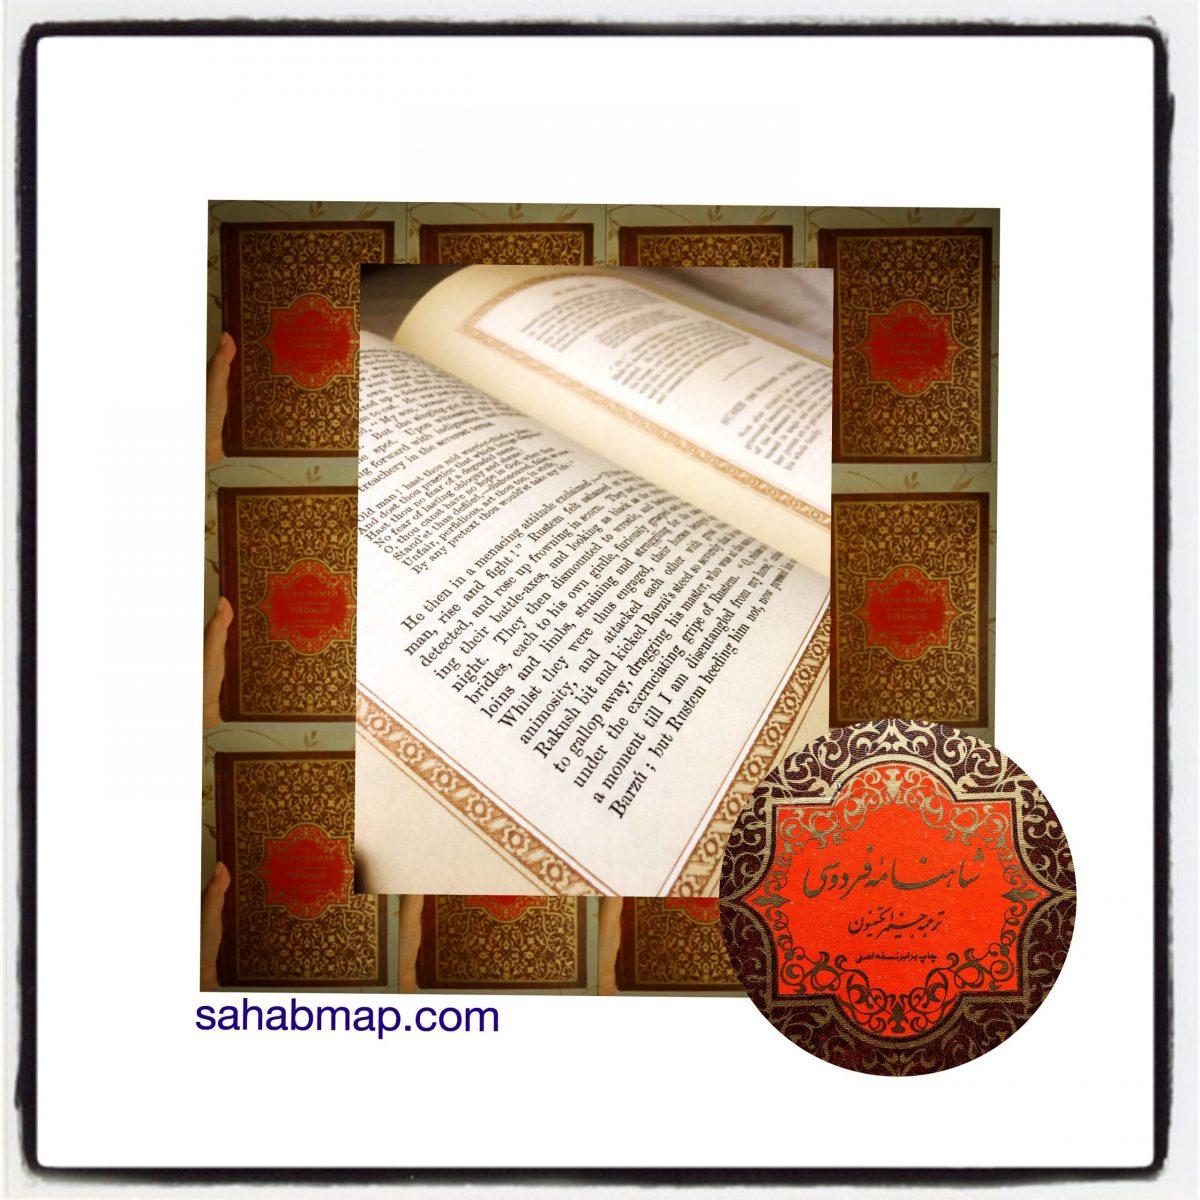 کتاب شاهنامه فردوسی به زبان انگلیسی - سحاب